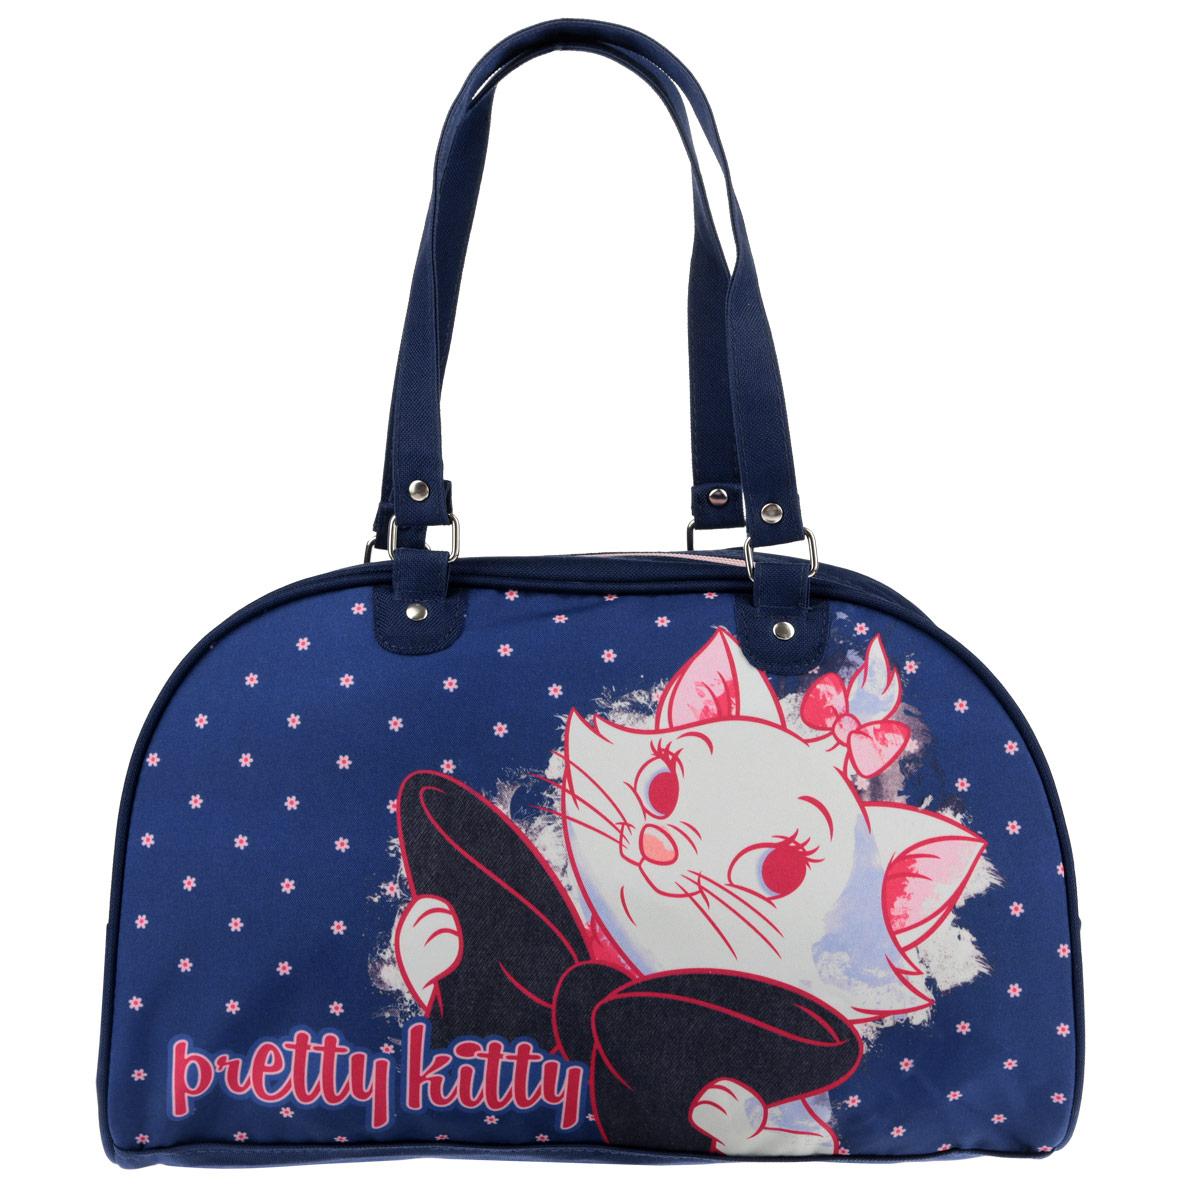 Сумочка Marie Cat, цвет: темно-синий. MCCB-UT1-4034MCCB-UT1-4034Стильная сумочка Marie Cat порадует любую модницу и поклонницу мультфильма. Сумочка имеет одно вместительное отделение, закрывающееся на молнию. Лицевая сторона сумочки оформлена изображением очаровательной кошечки. Она оснащена ручками для переноски в руке. Высота ручек 20 см. Каждая юная поклонница популярного мультфильма будет рада такому аксессуару. Предназначено для детей 7-10 лет.